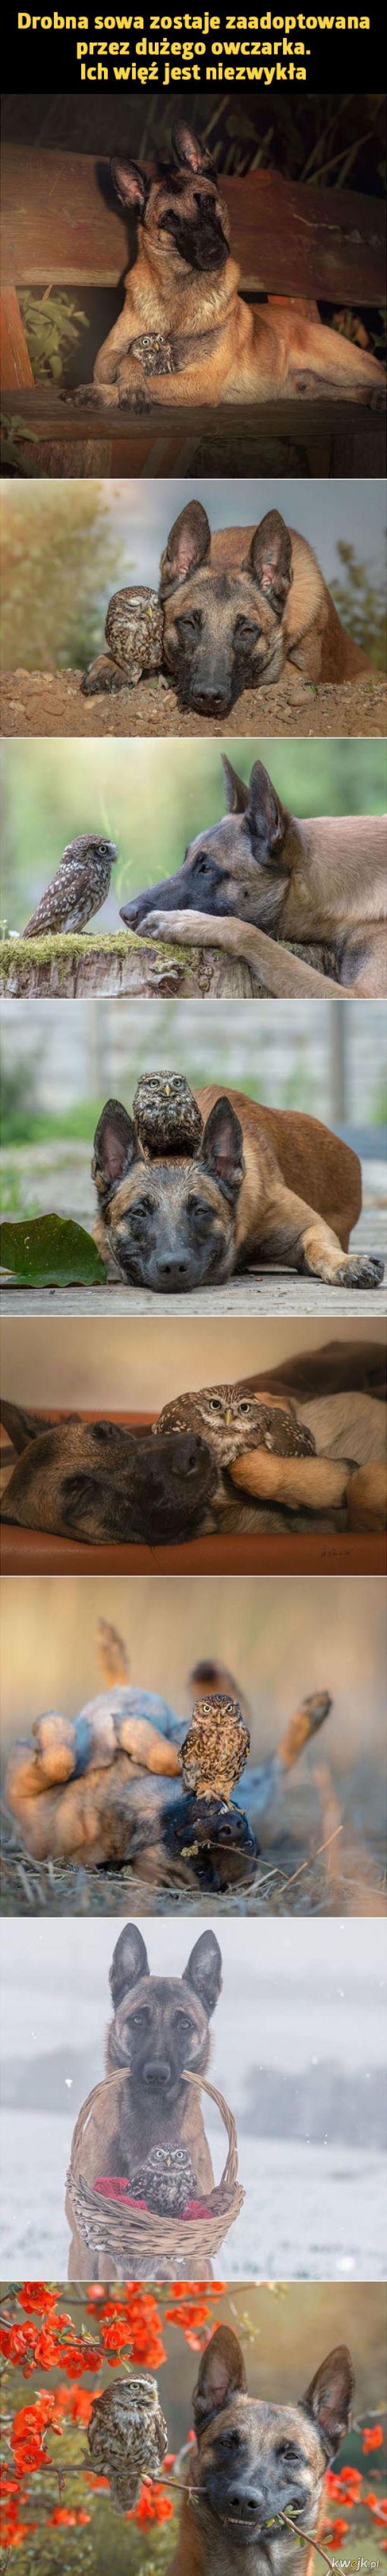 Niezwykła adopcja